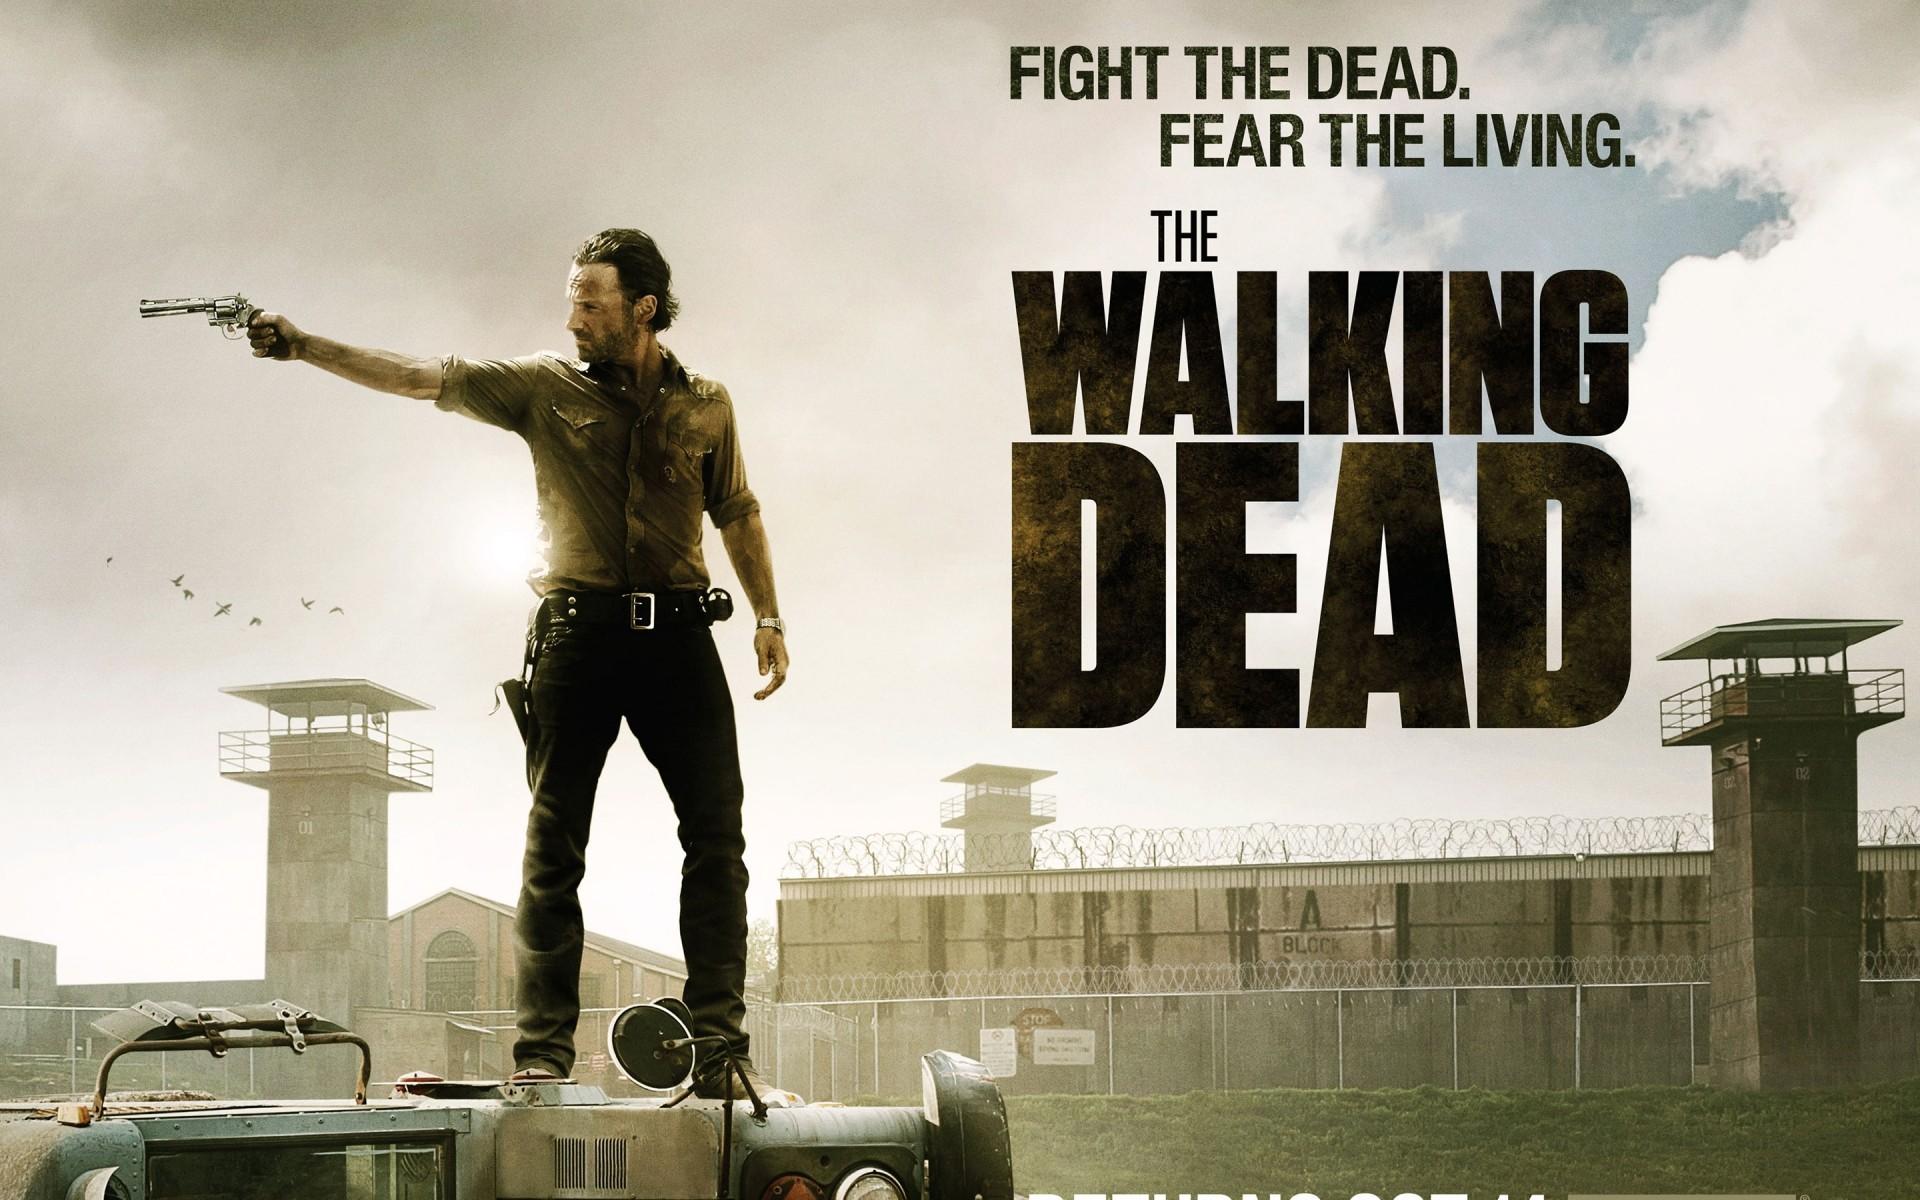 The Walking Dead Season 4 Phone Wallpapers